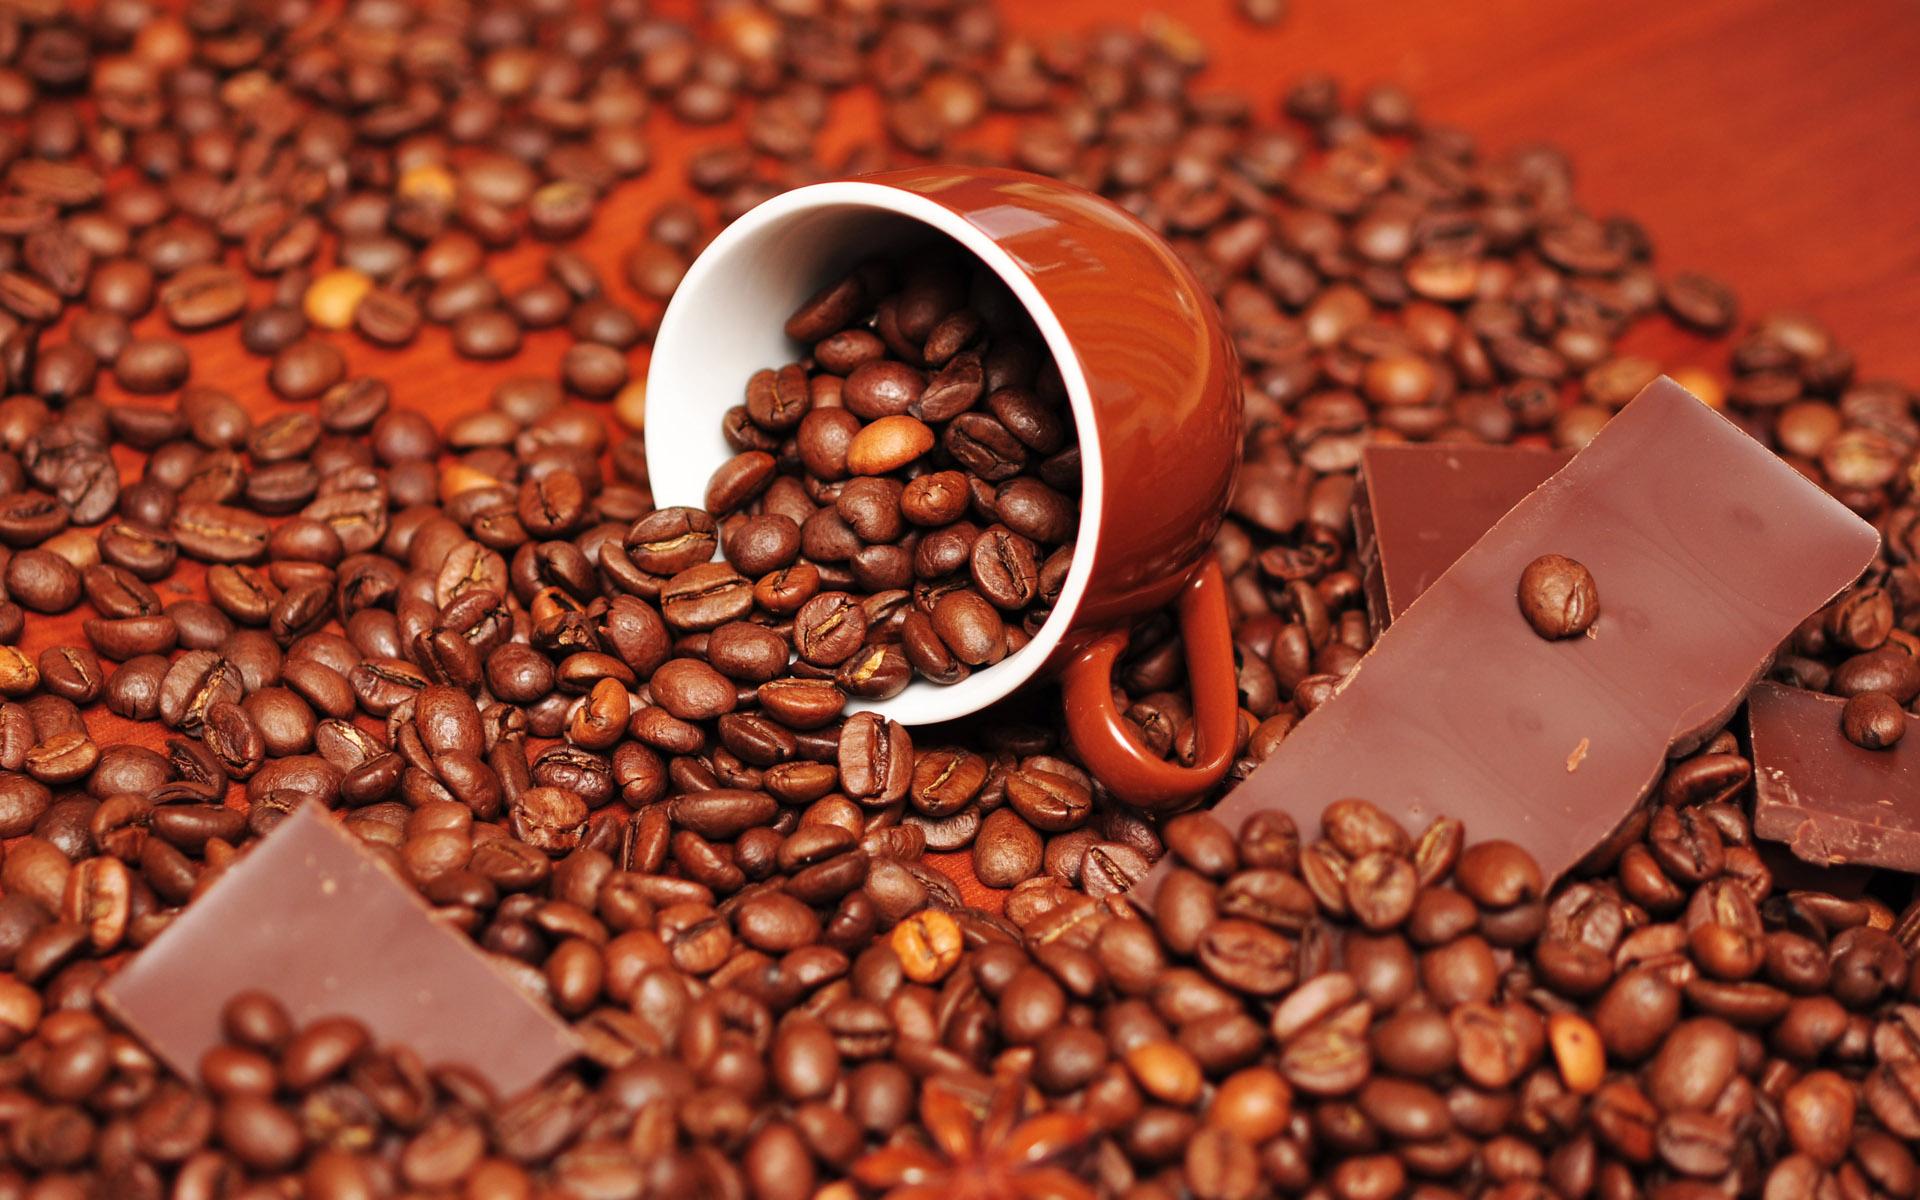 coffee, кофейные зерна, скачать фото, обои для рабочего стола, кофе, шоколад